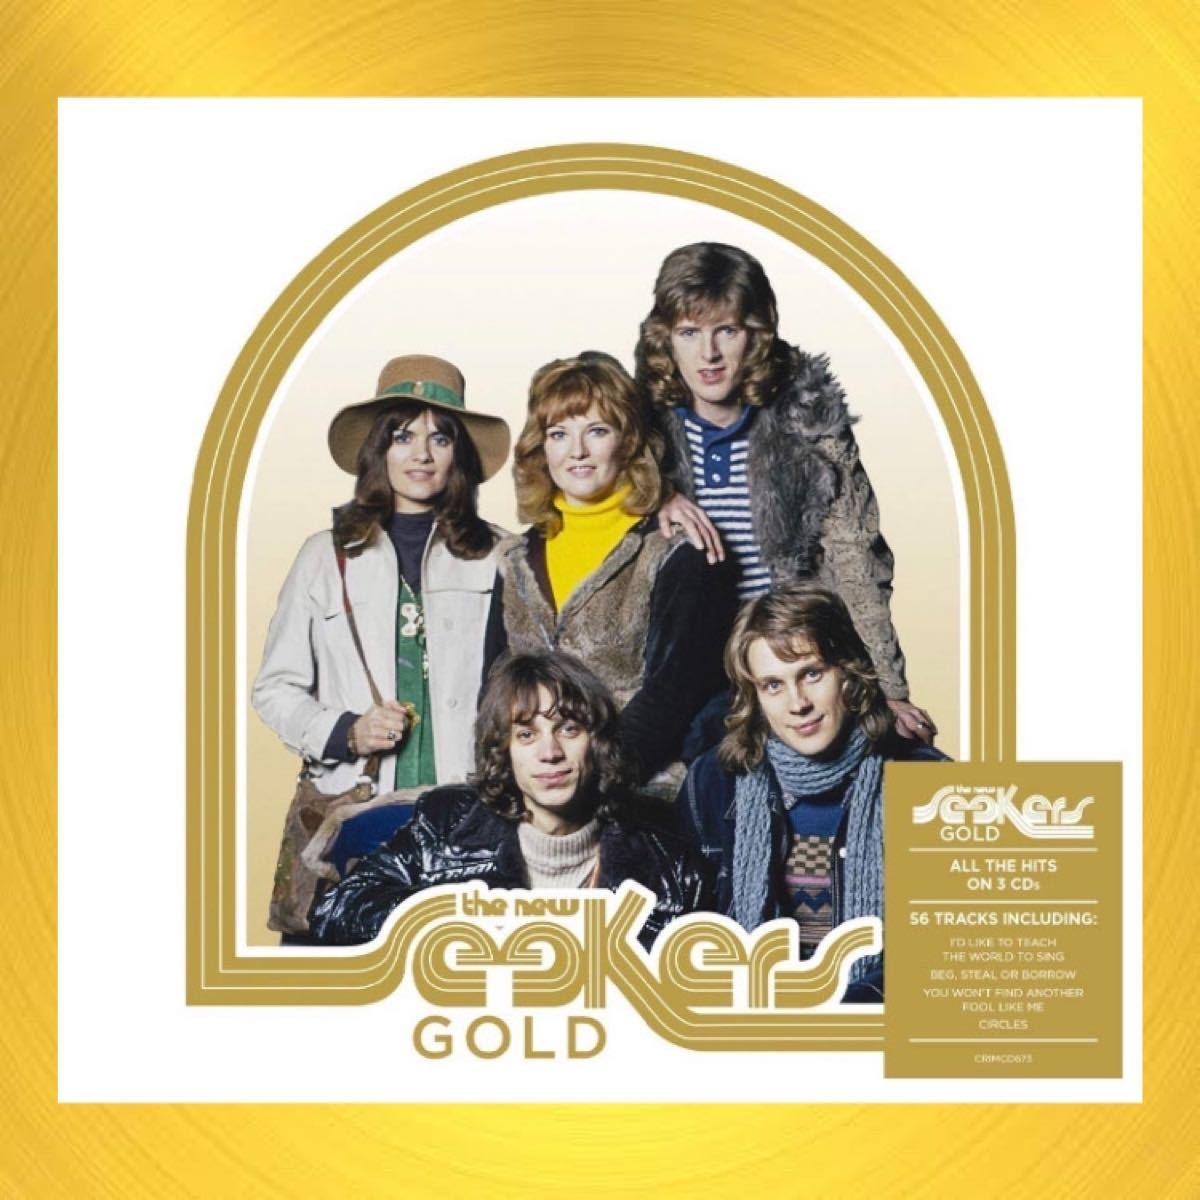 【輸入盤】The New Seekers(ニューシーカーズ)/ GOLD(ゴールド)[3CD]